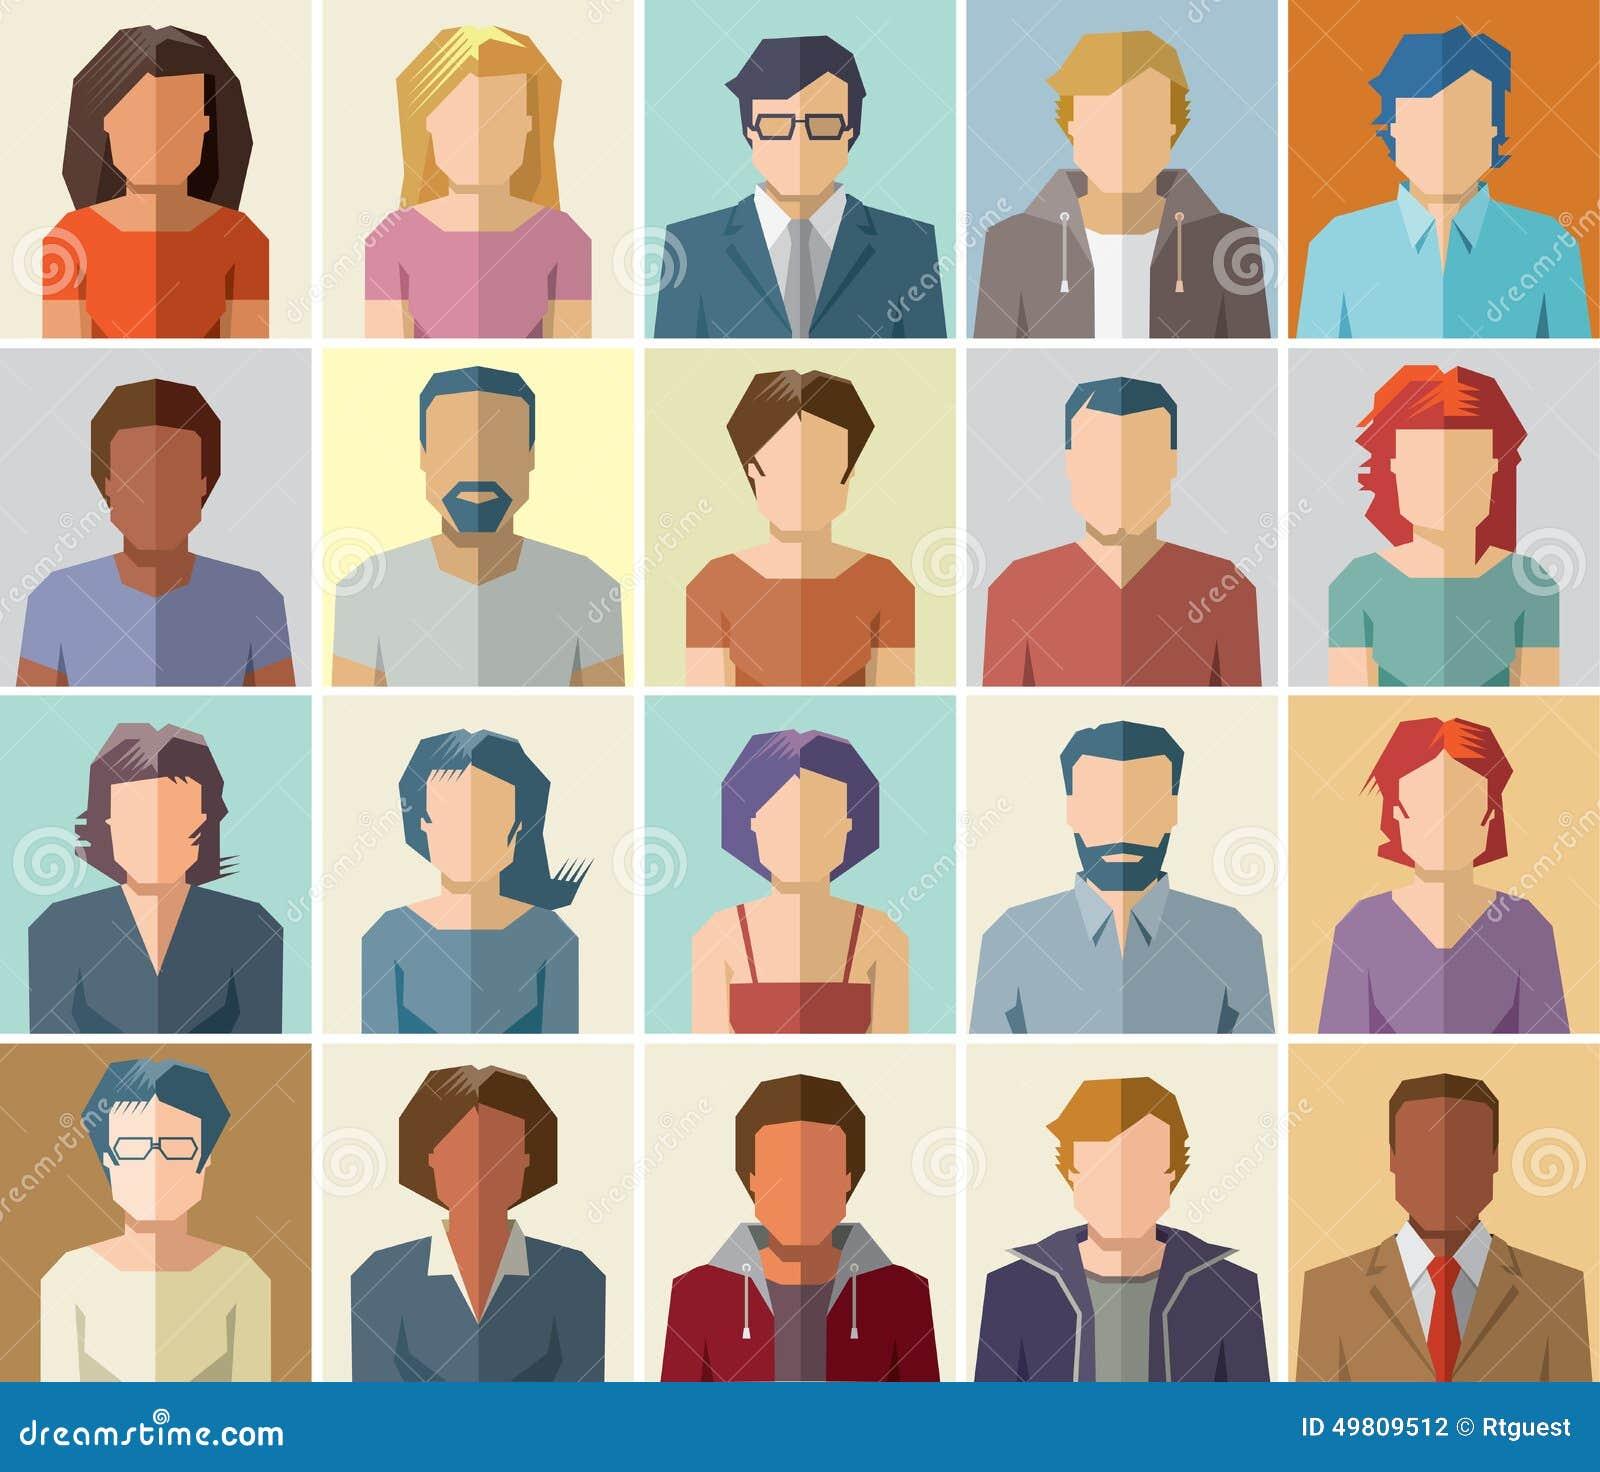 El icono del perfil del avatar del vector fijó - el sistema de iconos de la gente